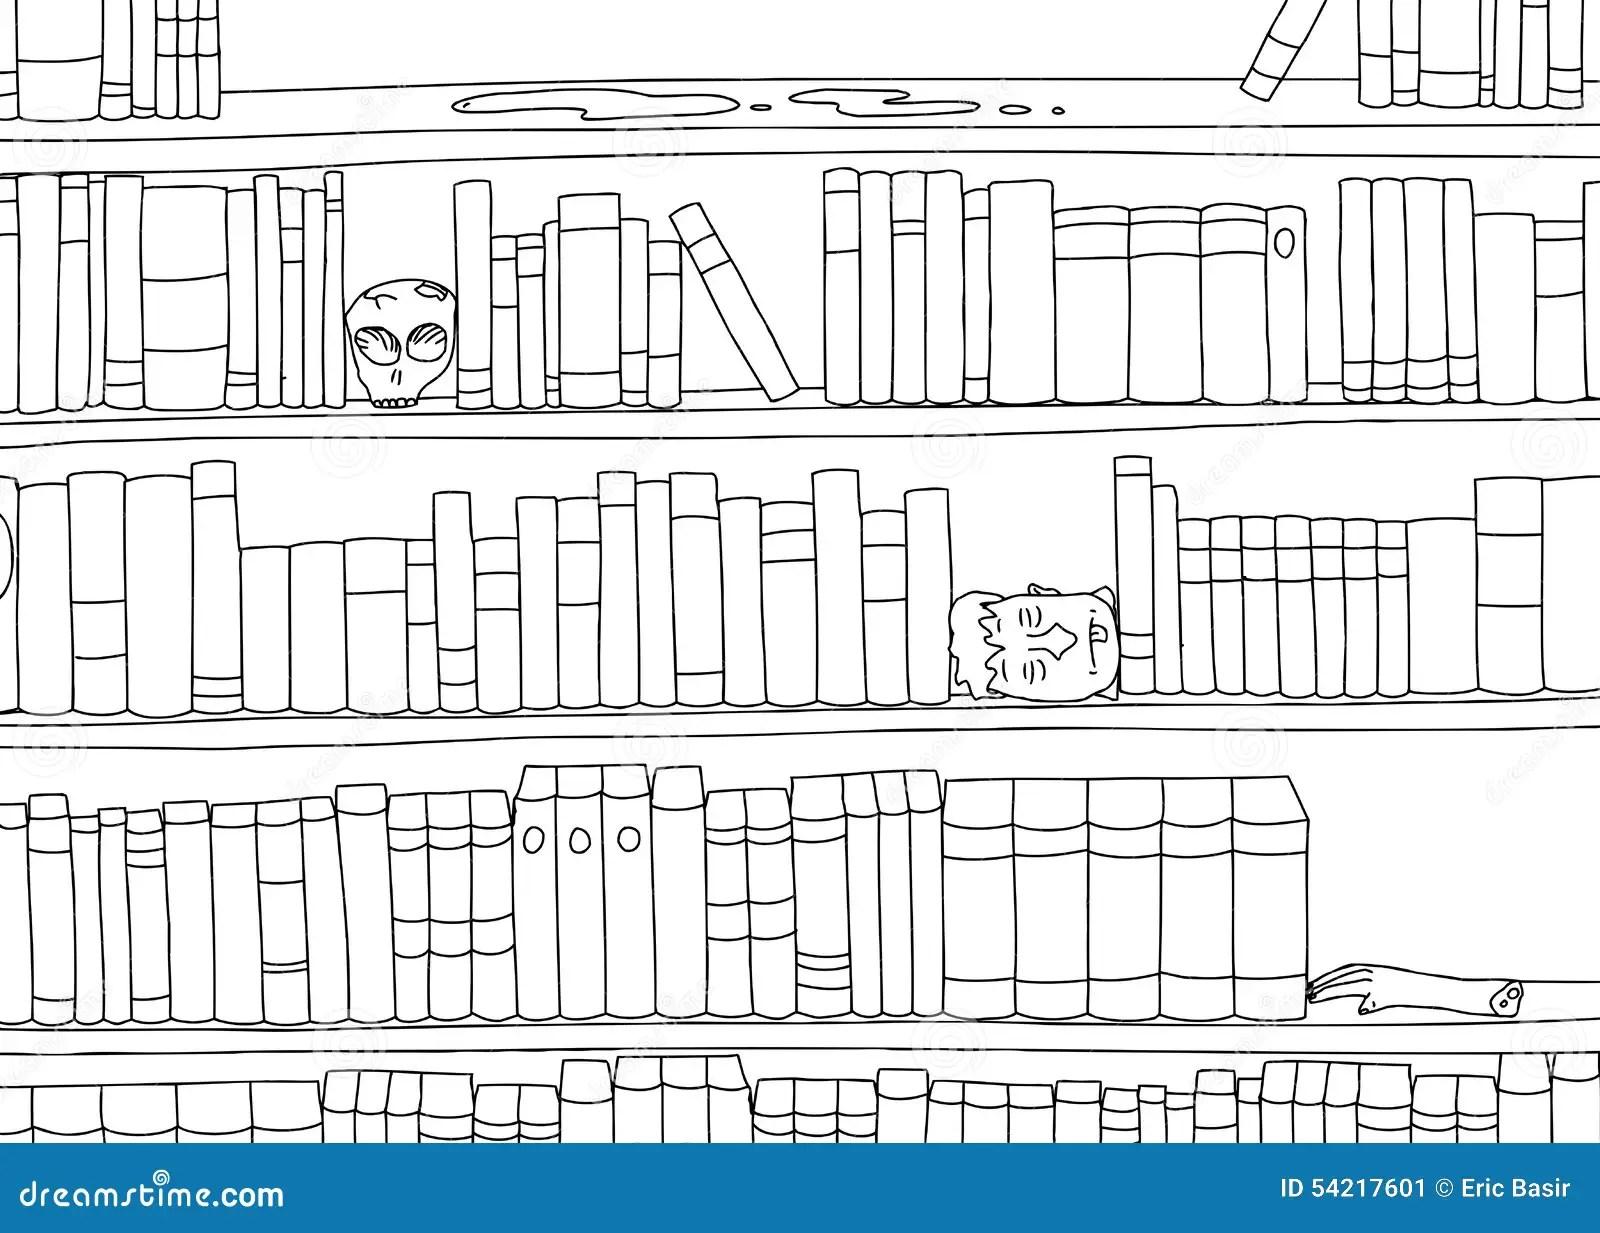 Outline Of Bizarre Bookshelf Stock Illustration